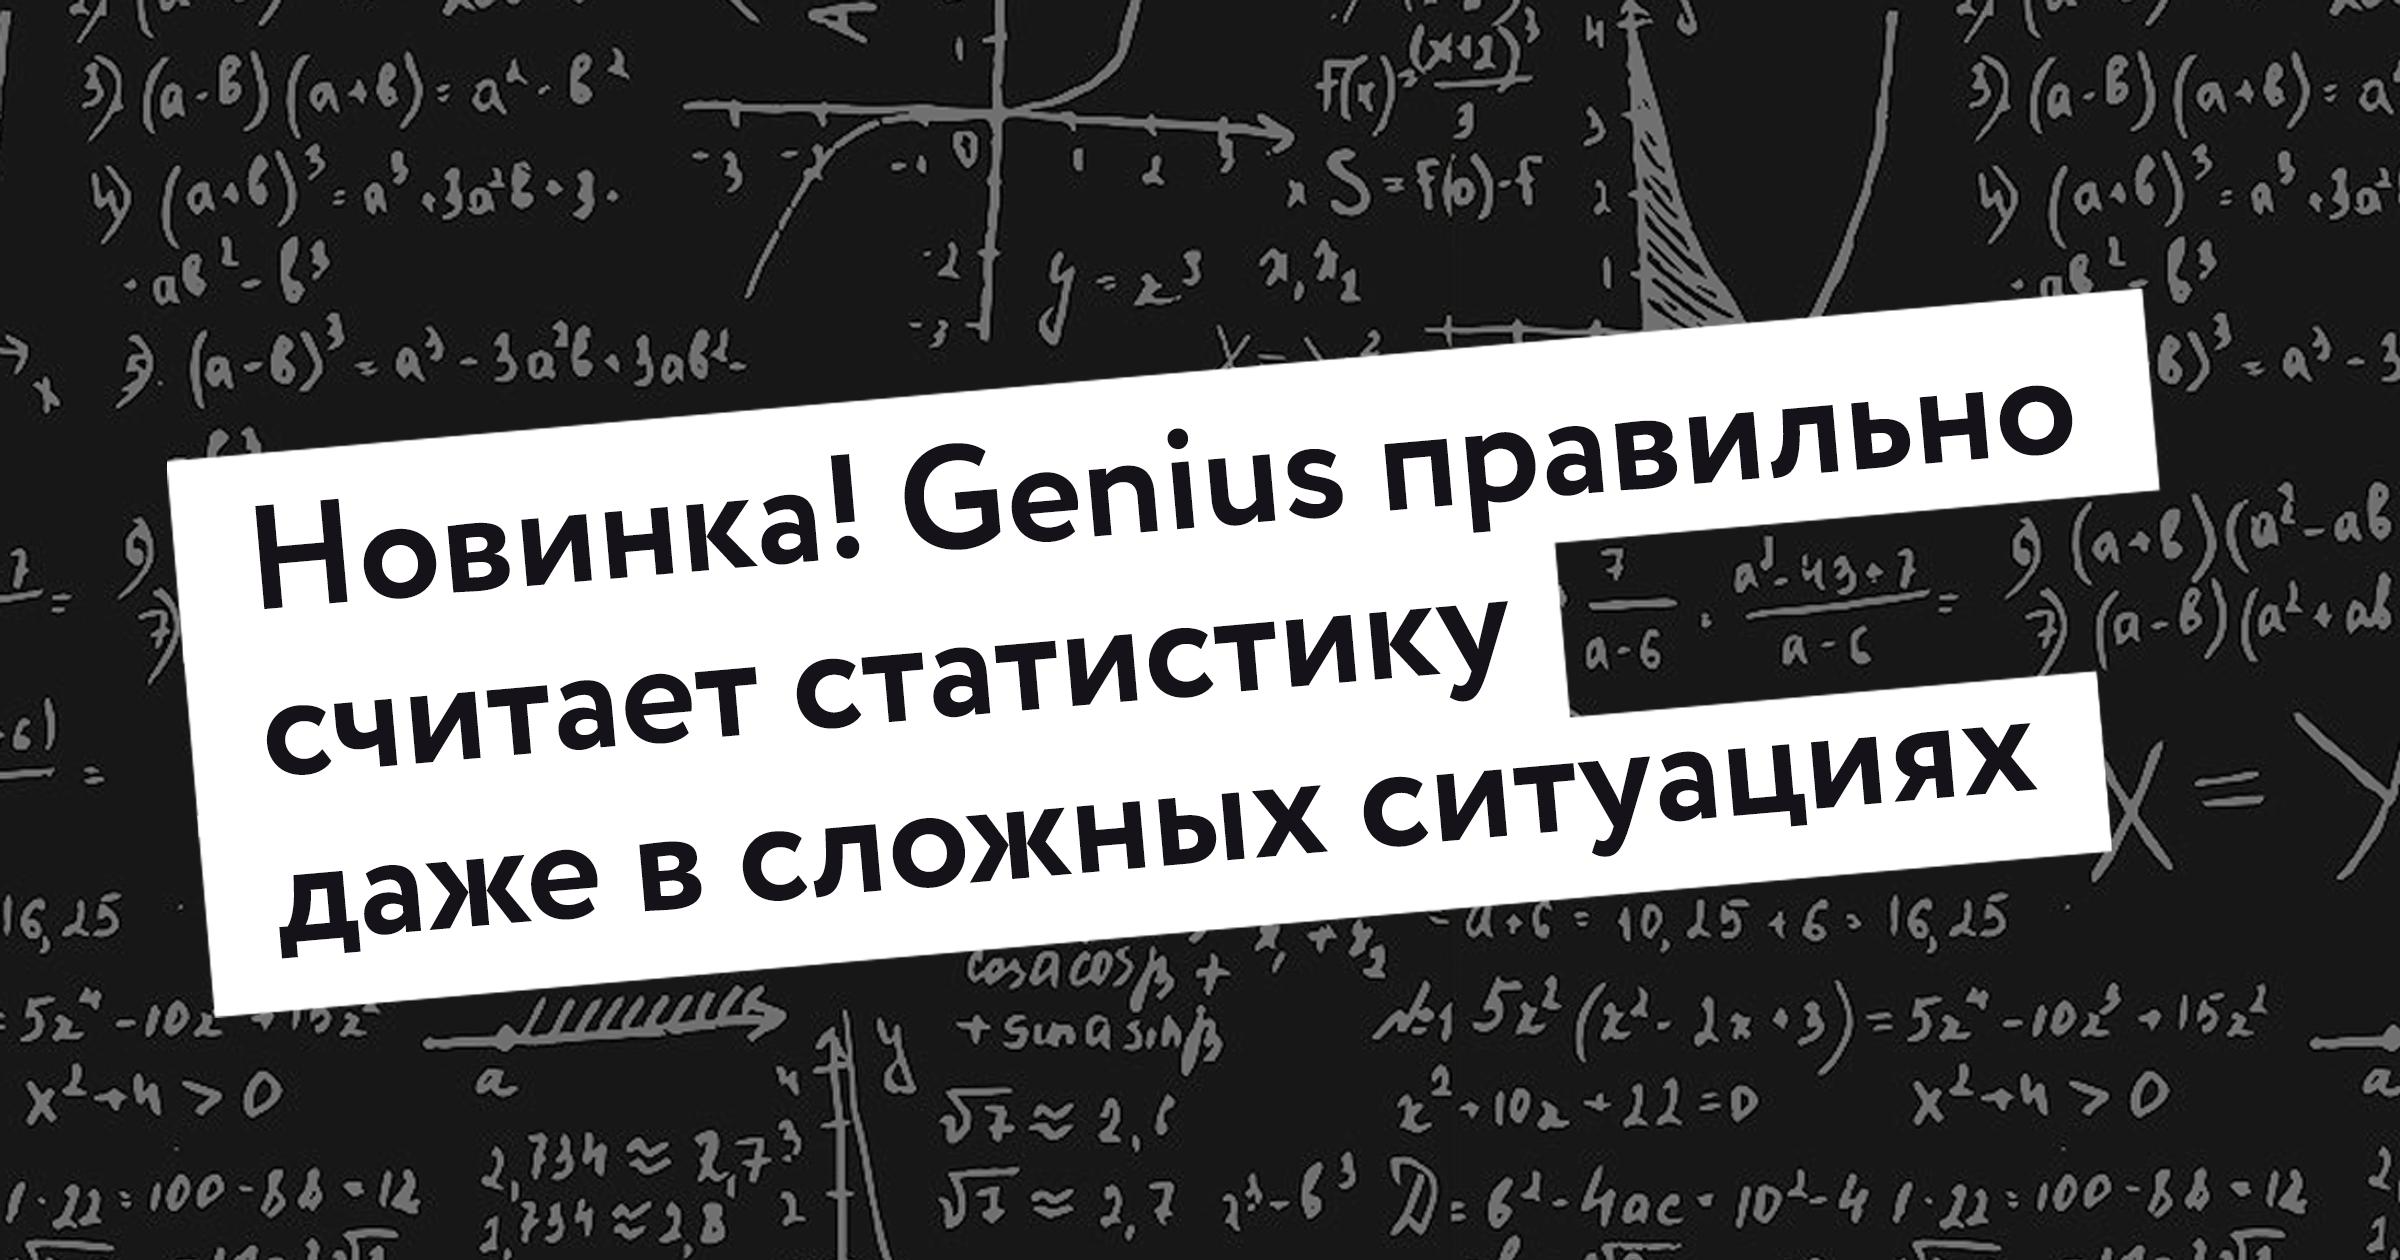 Умная система Хантфлоу Genius правильно считает статистику даже в сложных ситуациях